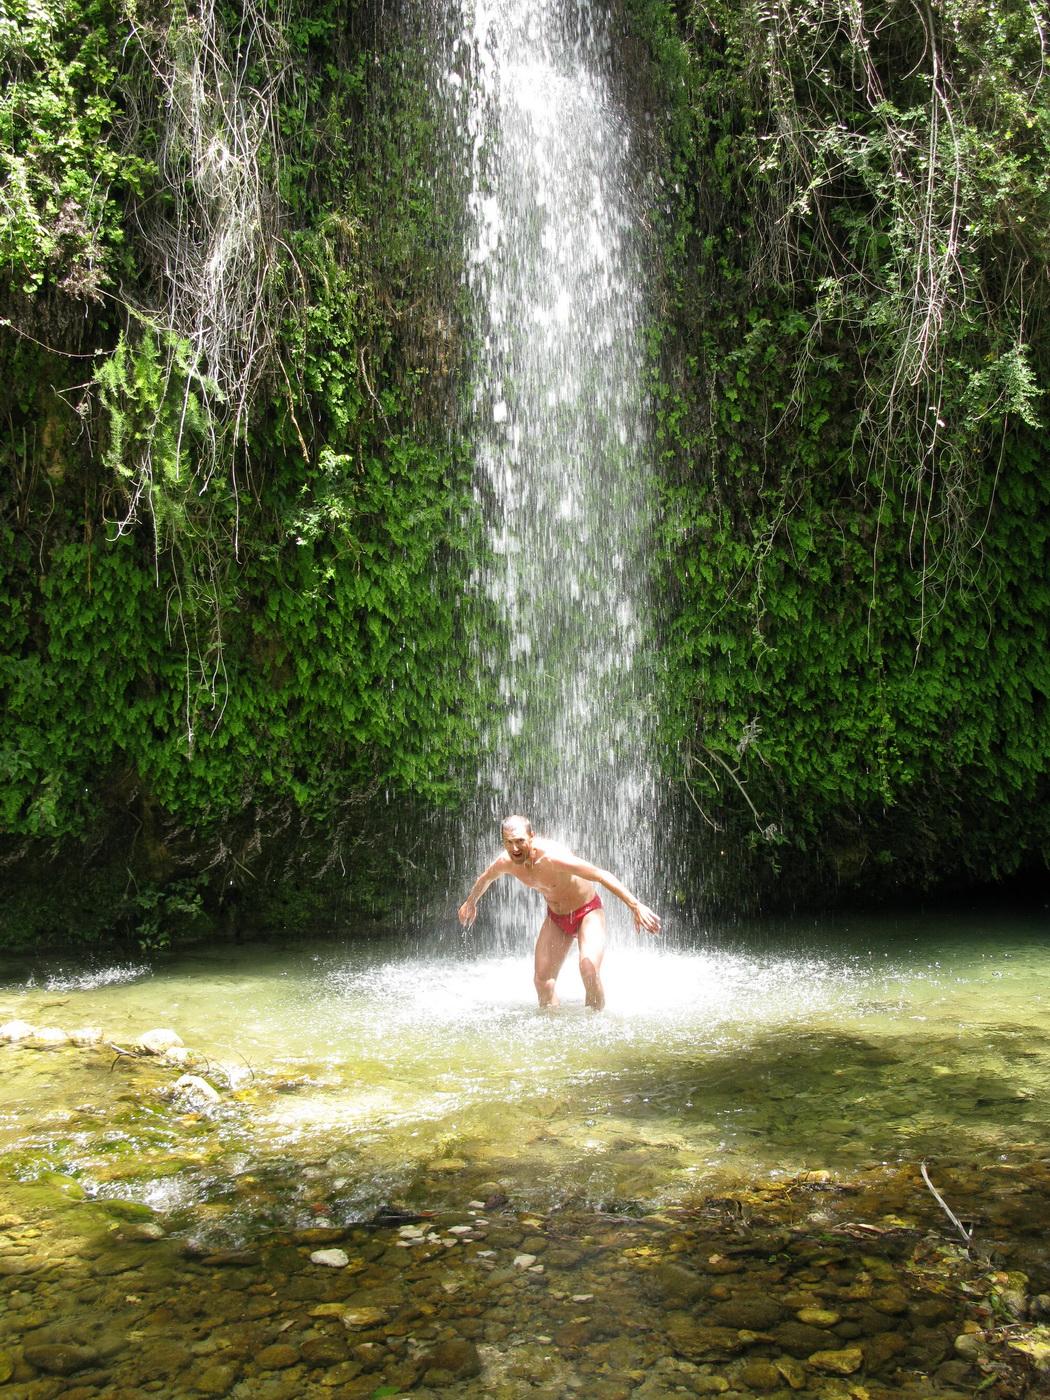 zvyšky_starého_rímskeho_aquaduktu_vytesaného_v_skale_a_konečne_sprcha!